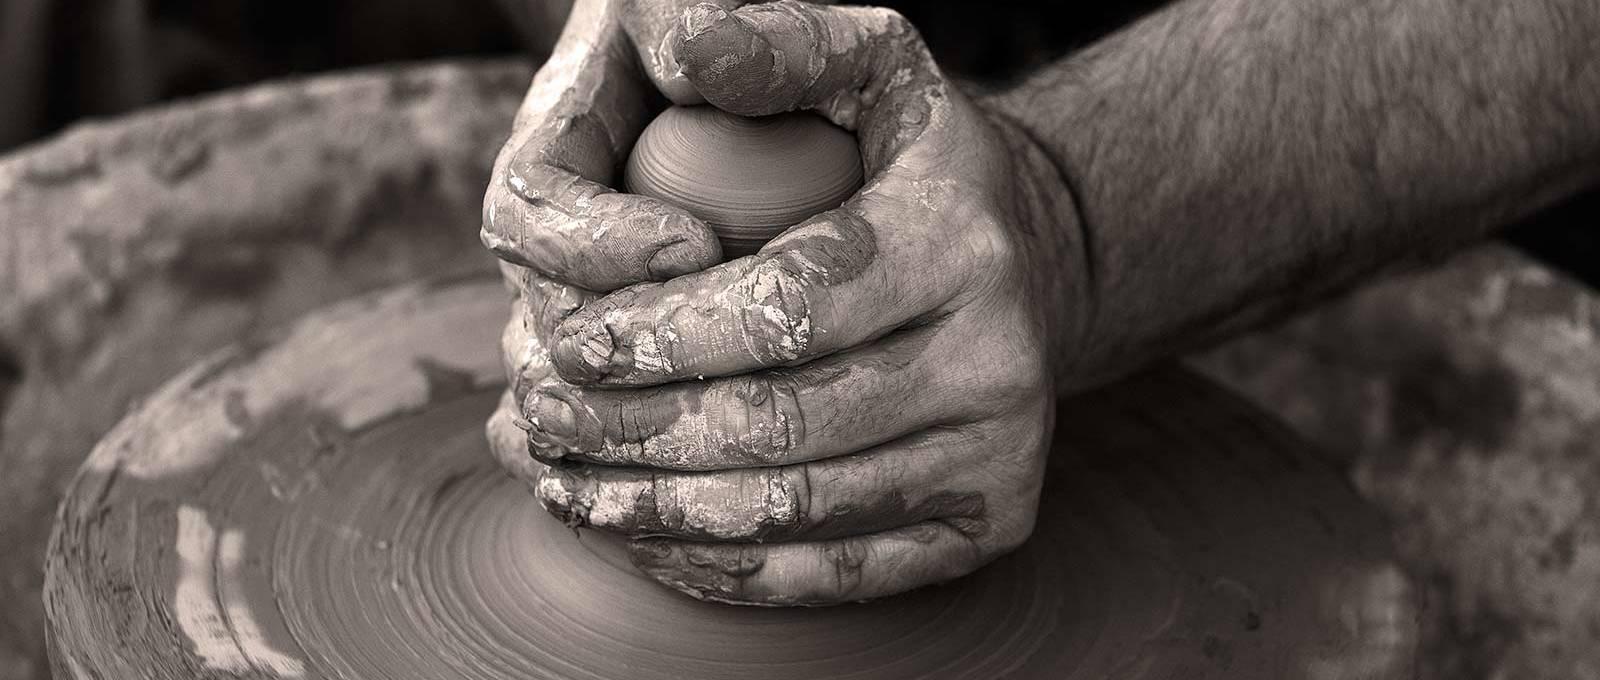 руки в глине